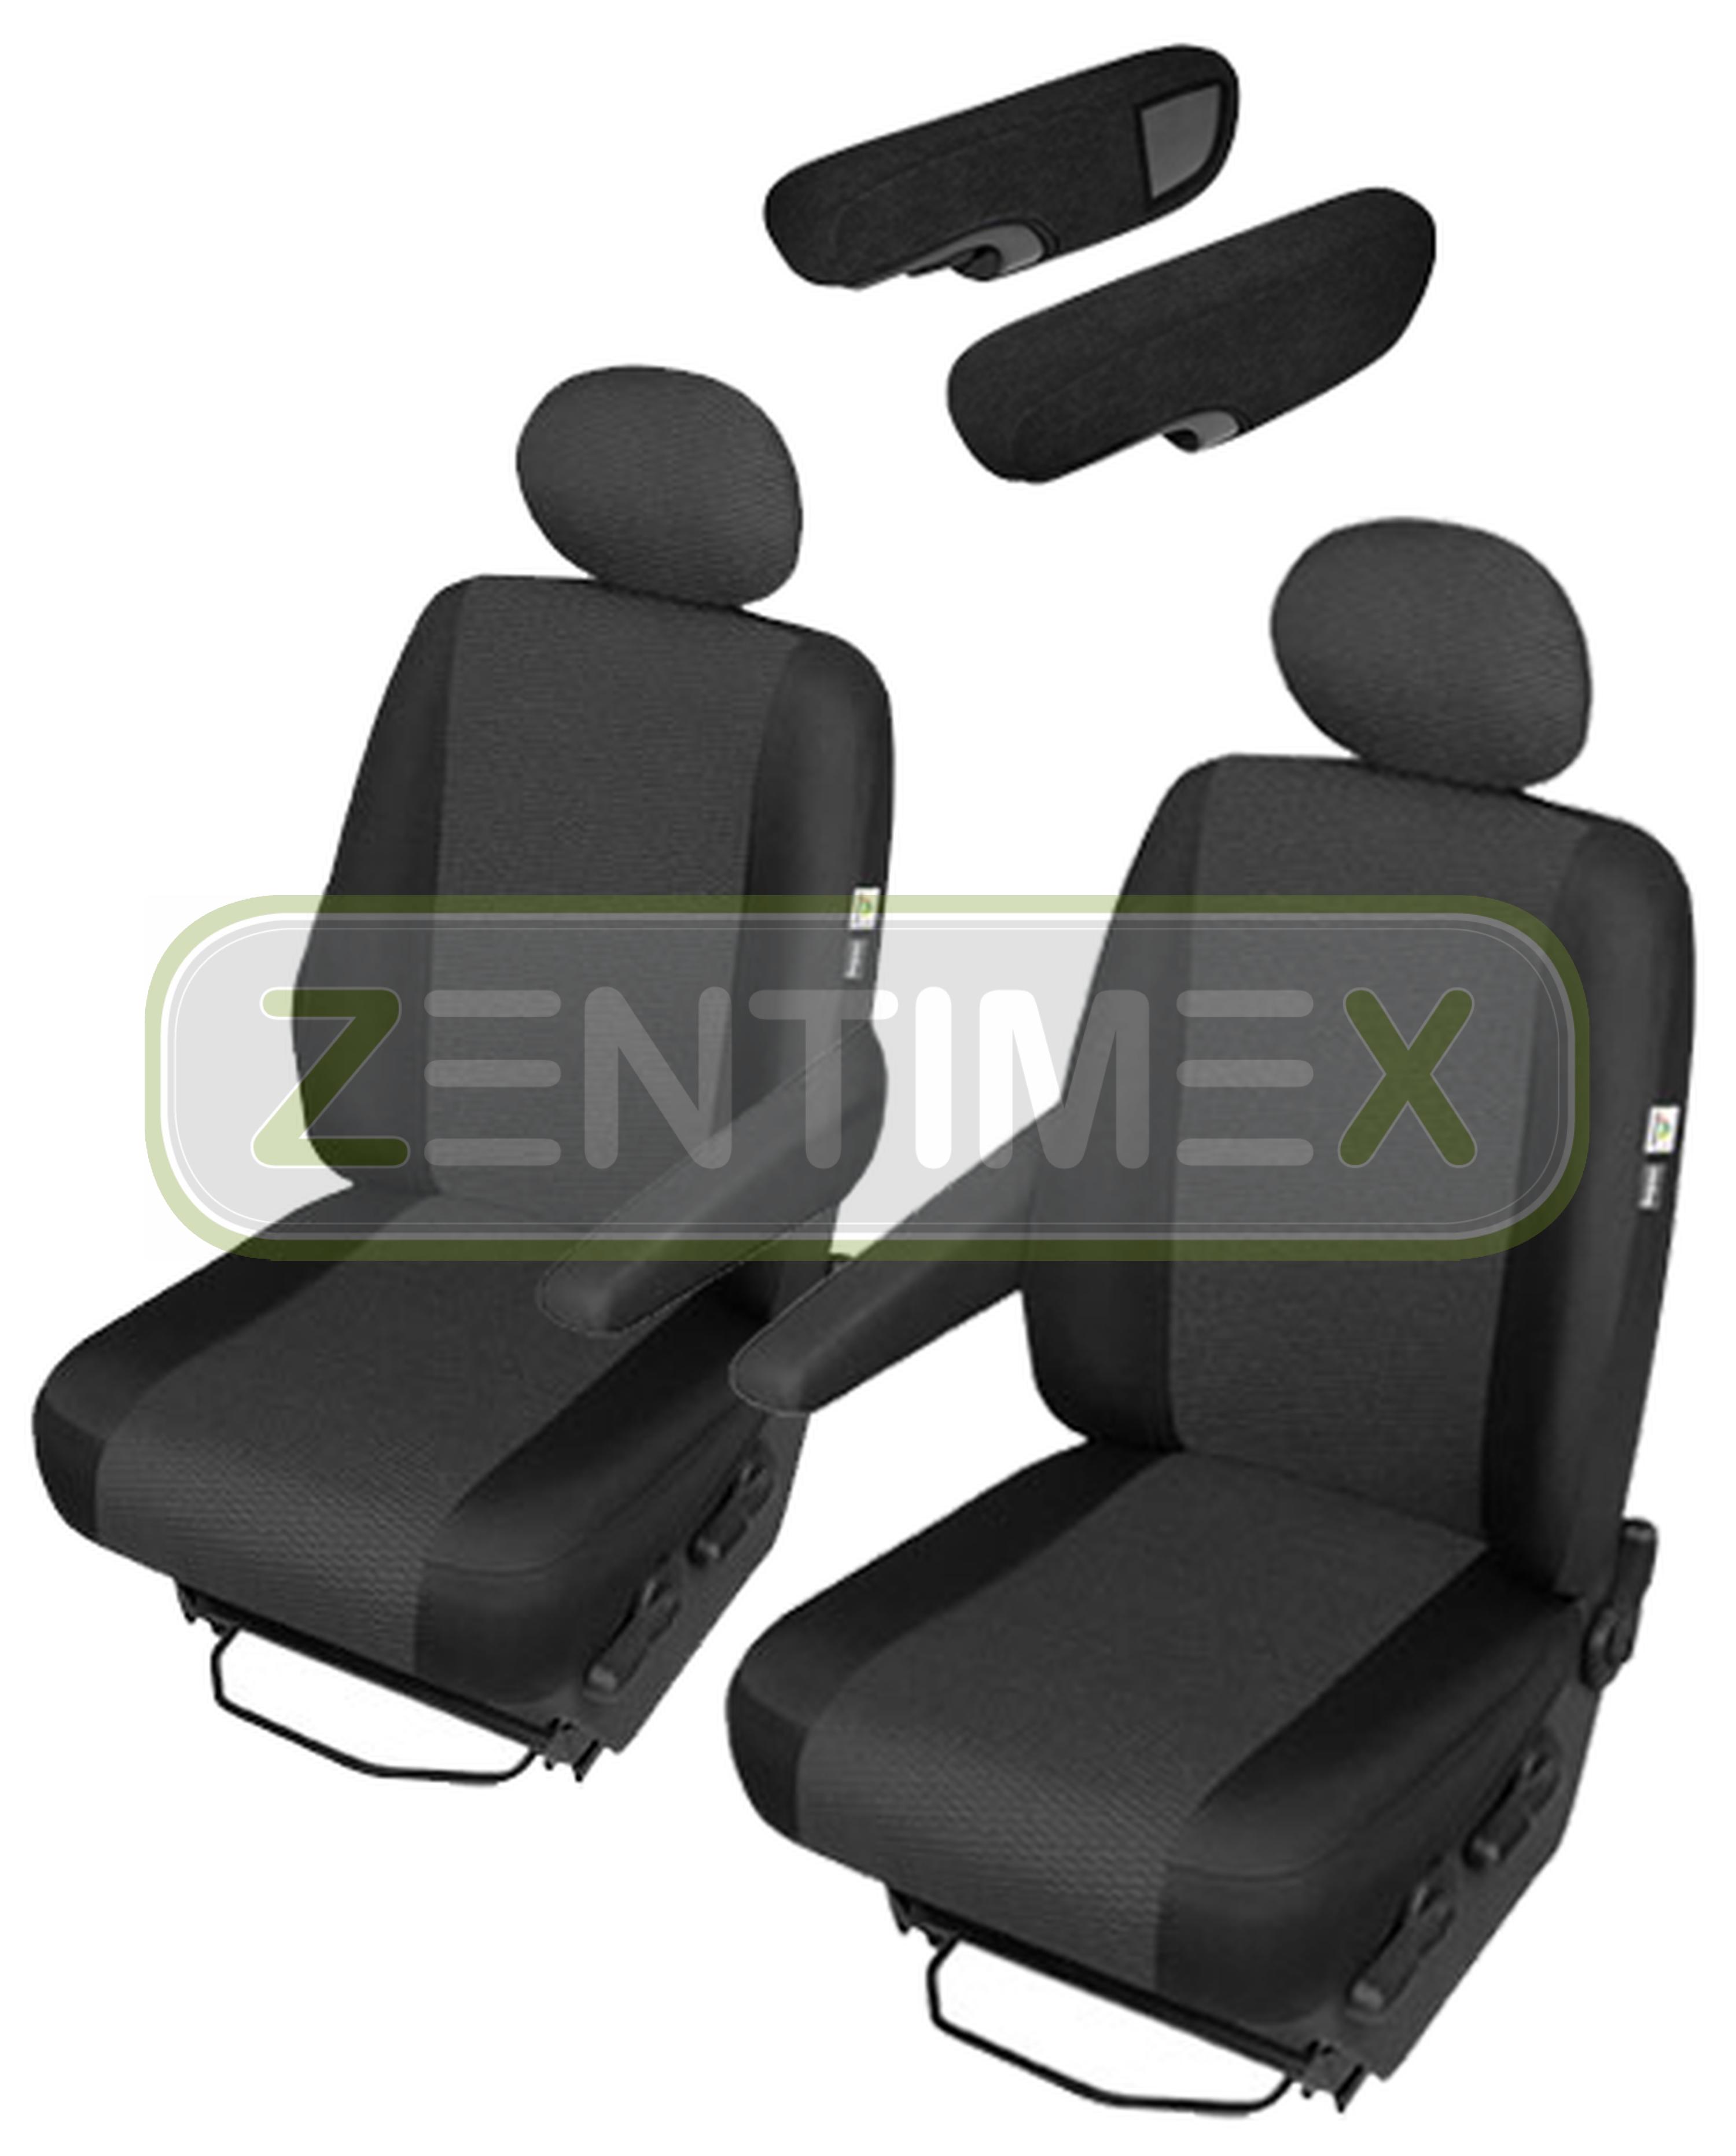 Sitzbezüge Schonbezüge SET ACC VW LT Stoff schwarz